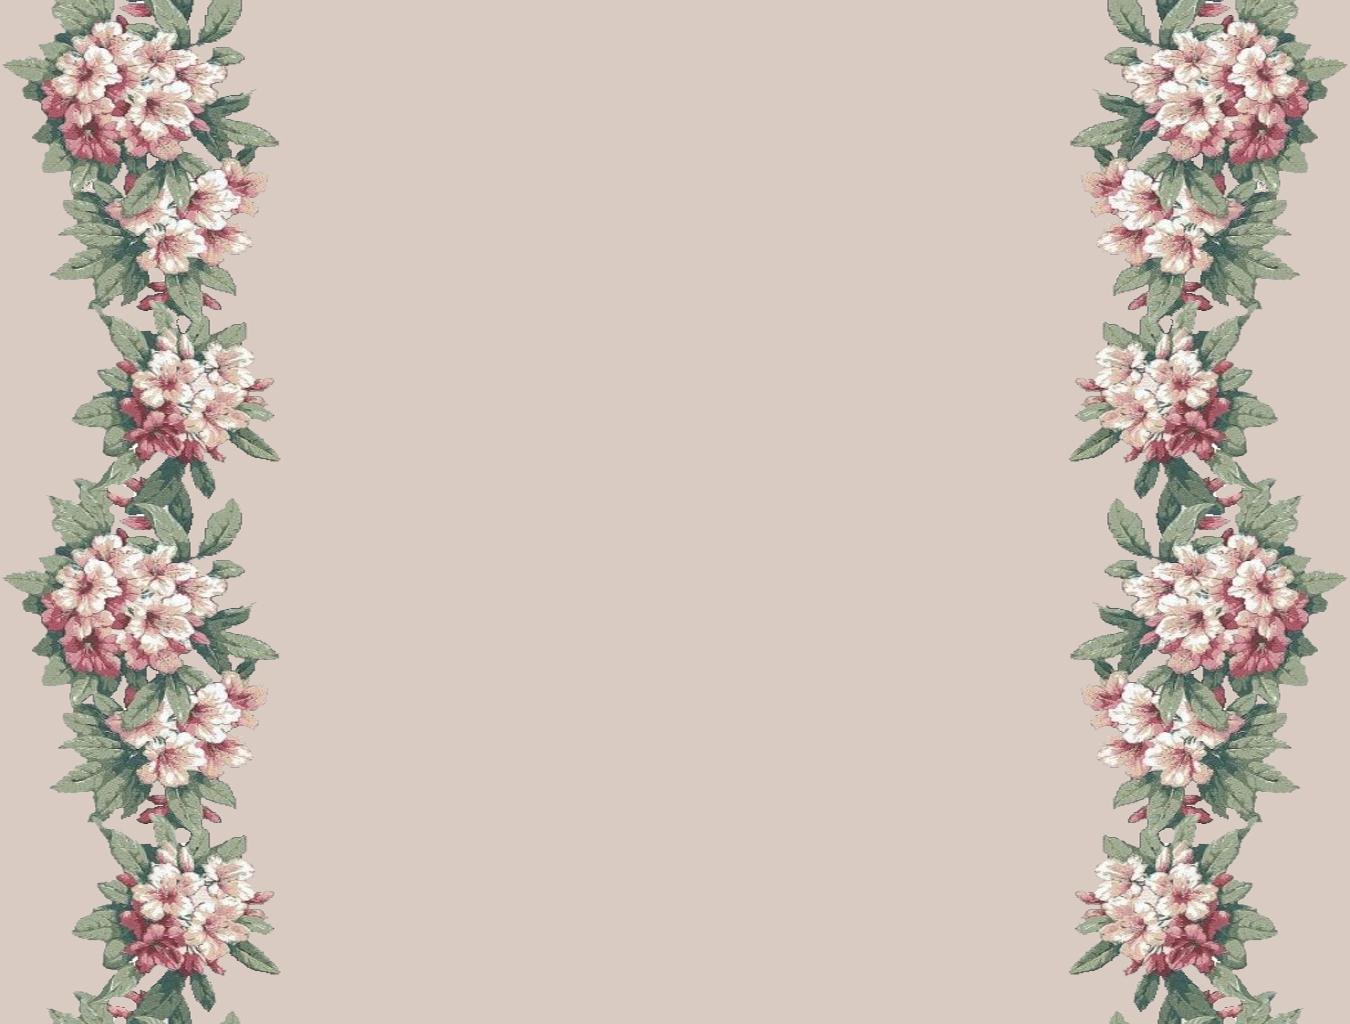 Imagenes De Rosas O Flores